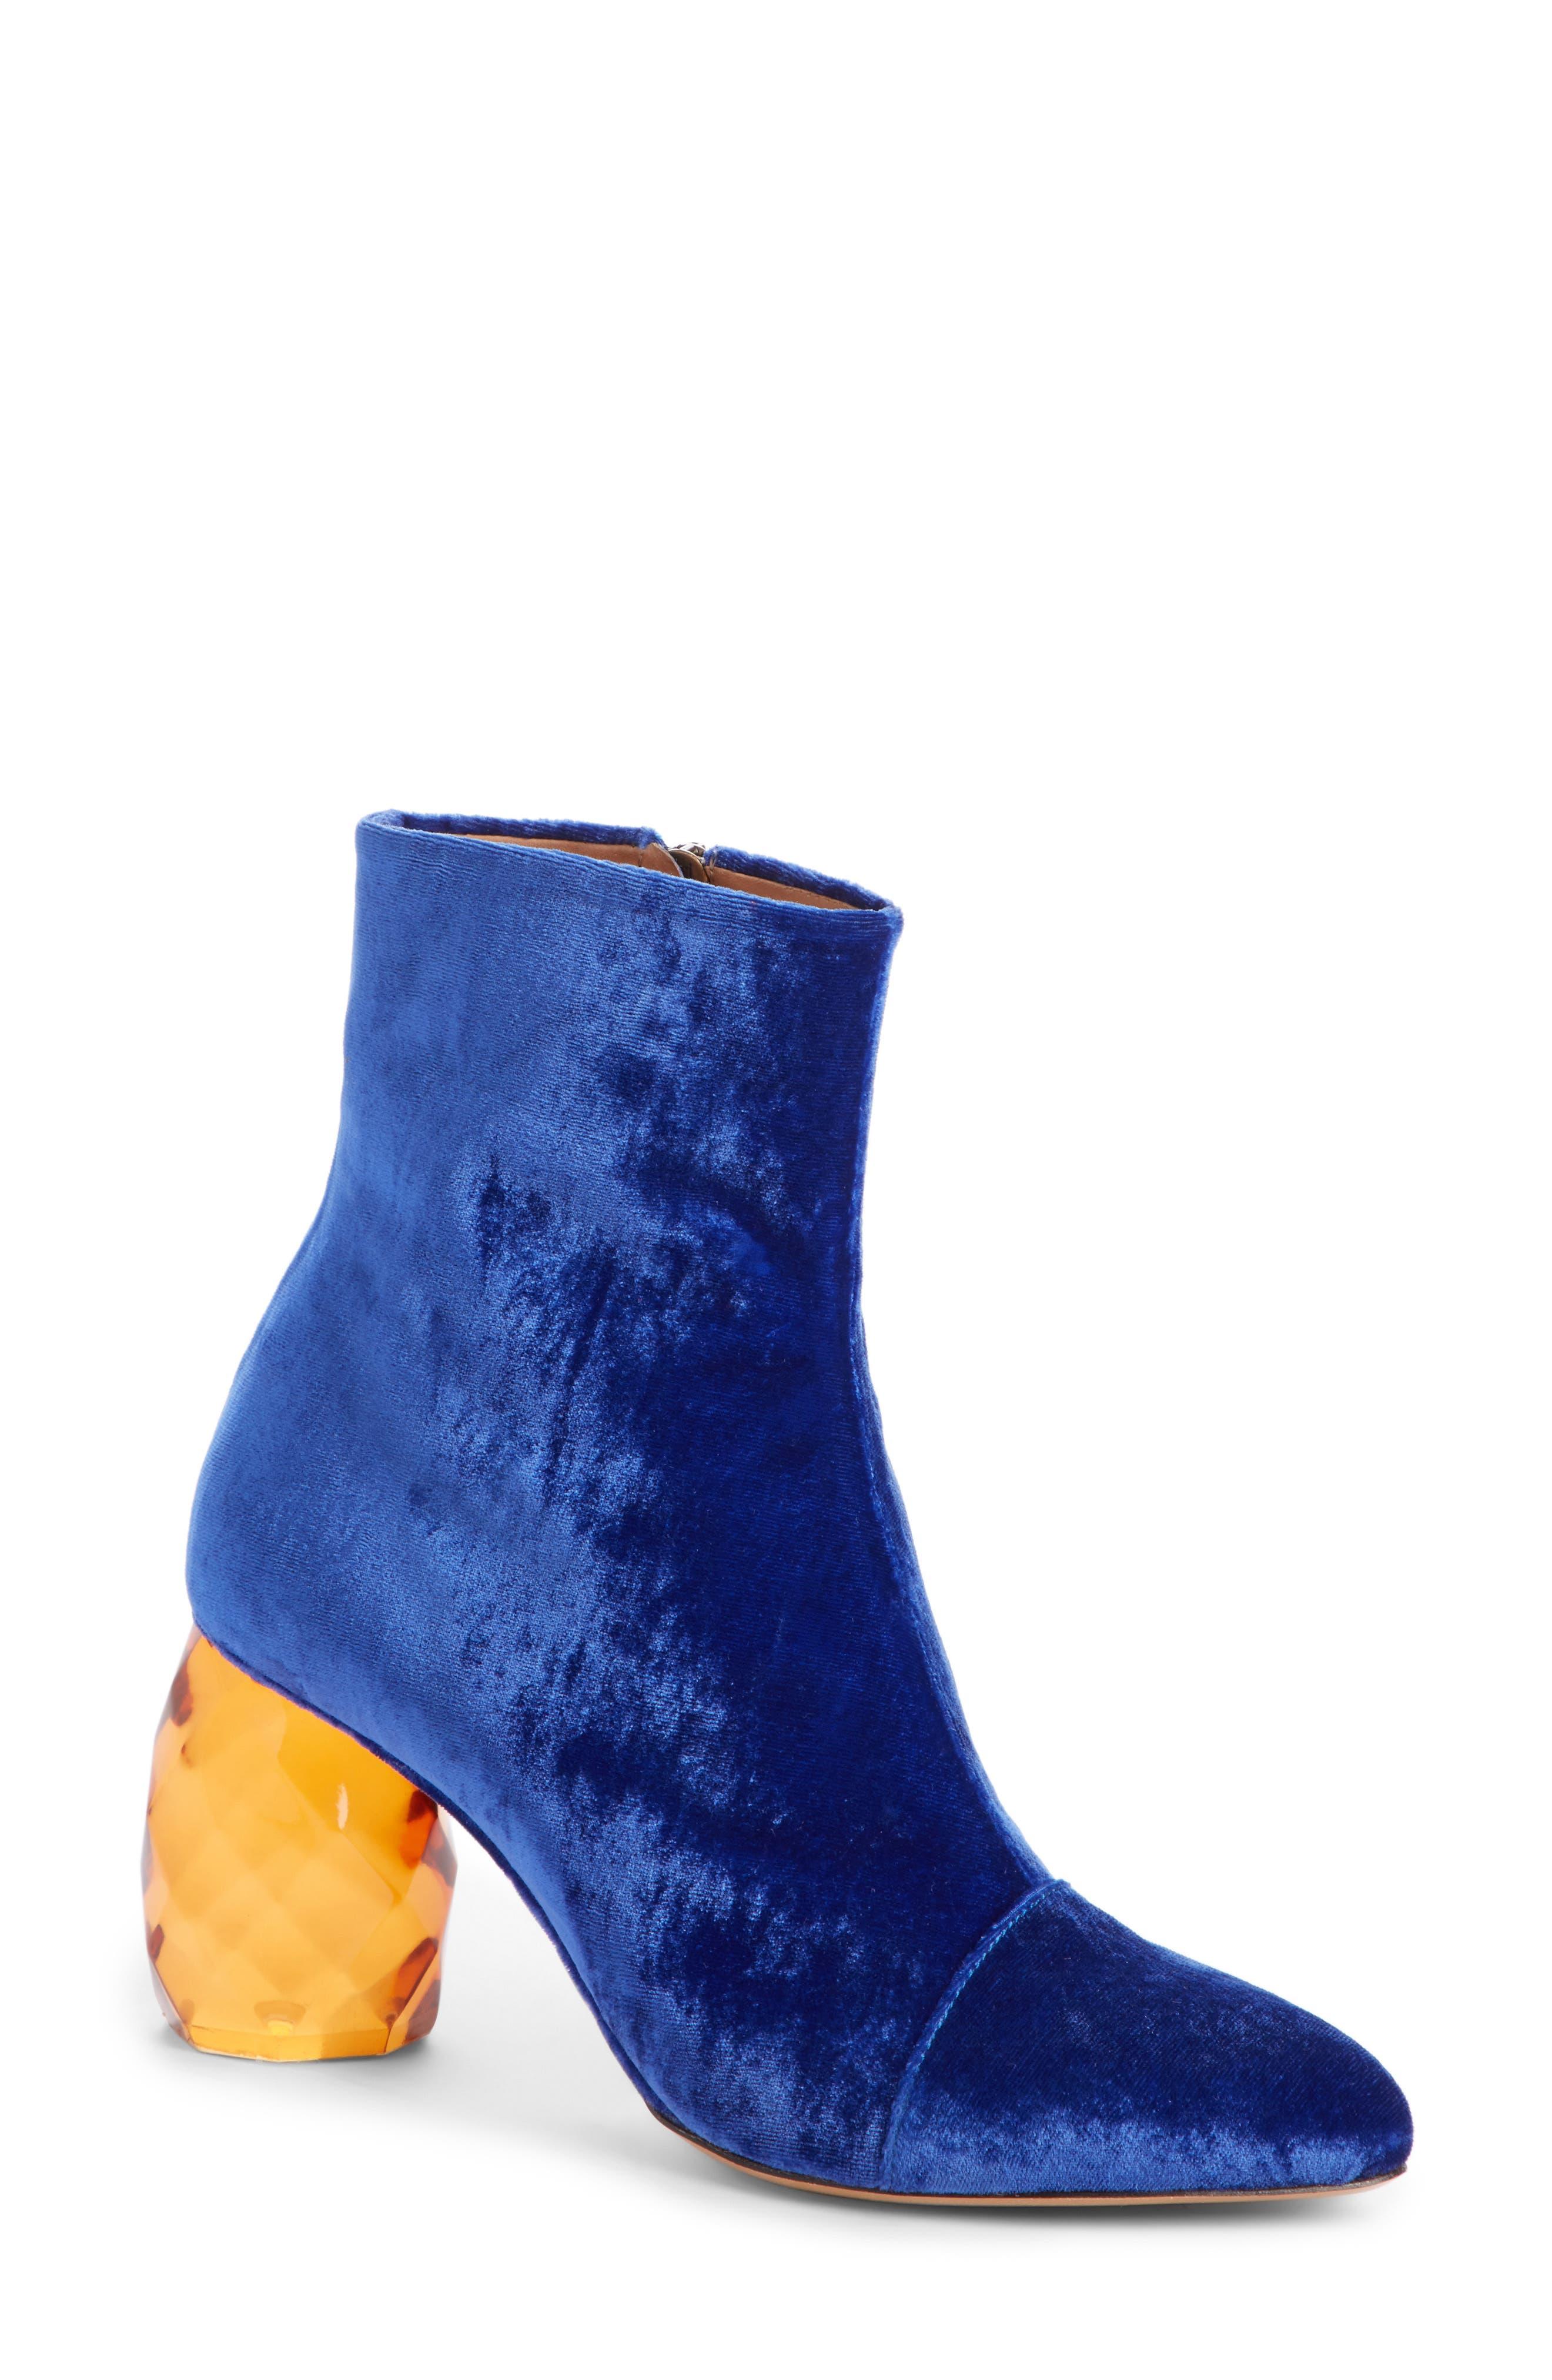 Dries Van Noten Faceted Heel Pointy Toe Bootie (Women)